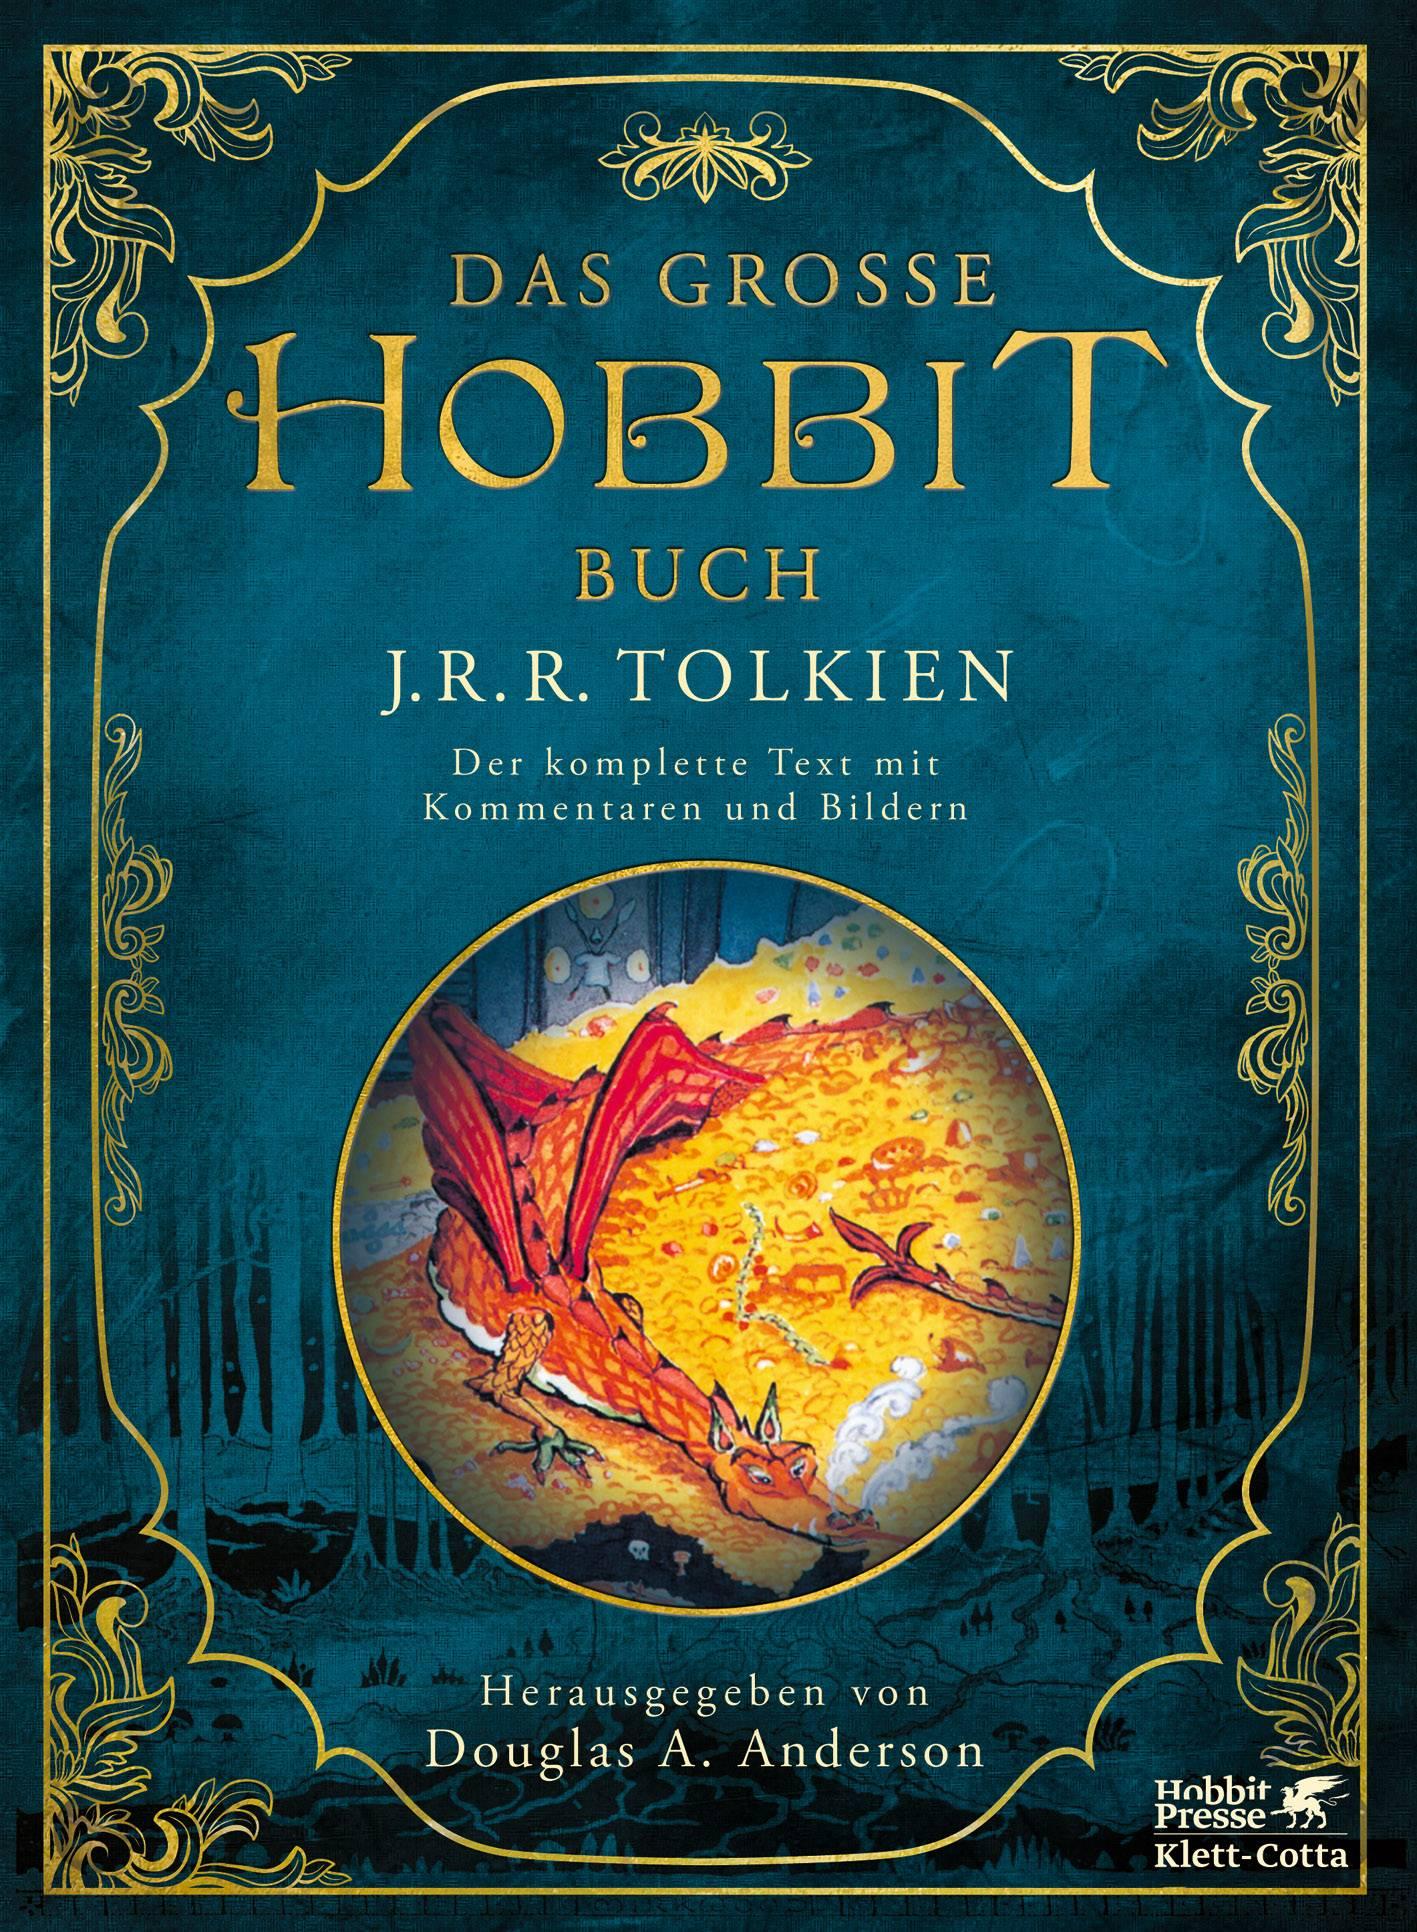 Neuerscheinungen rund um den Hobbit bei Klett-Cotta